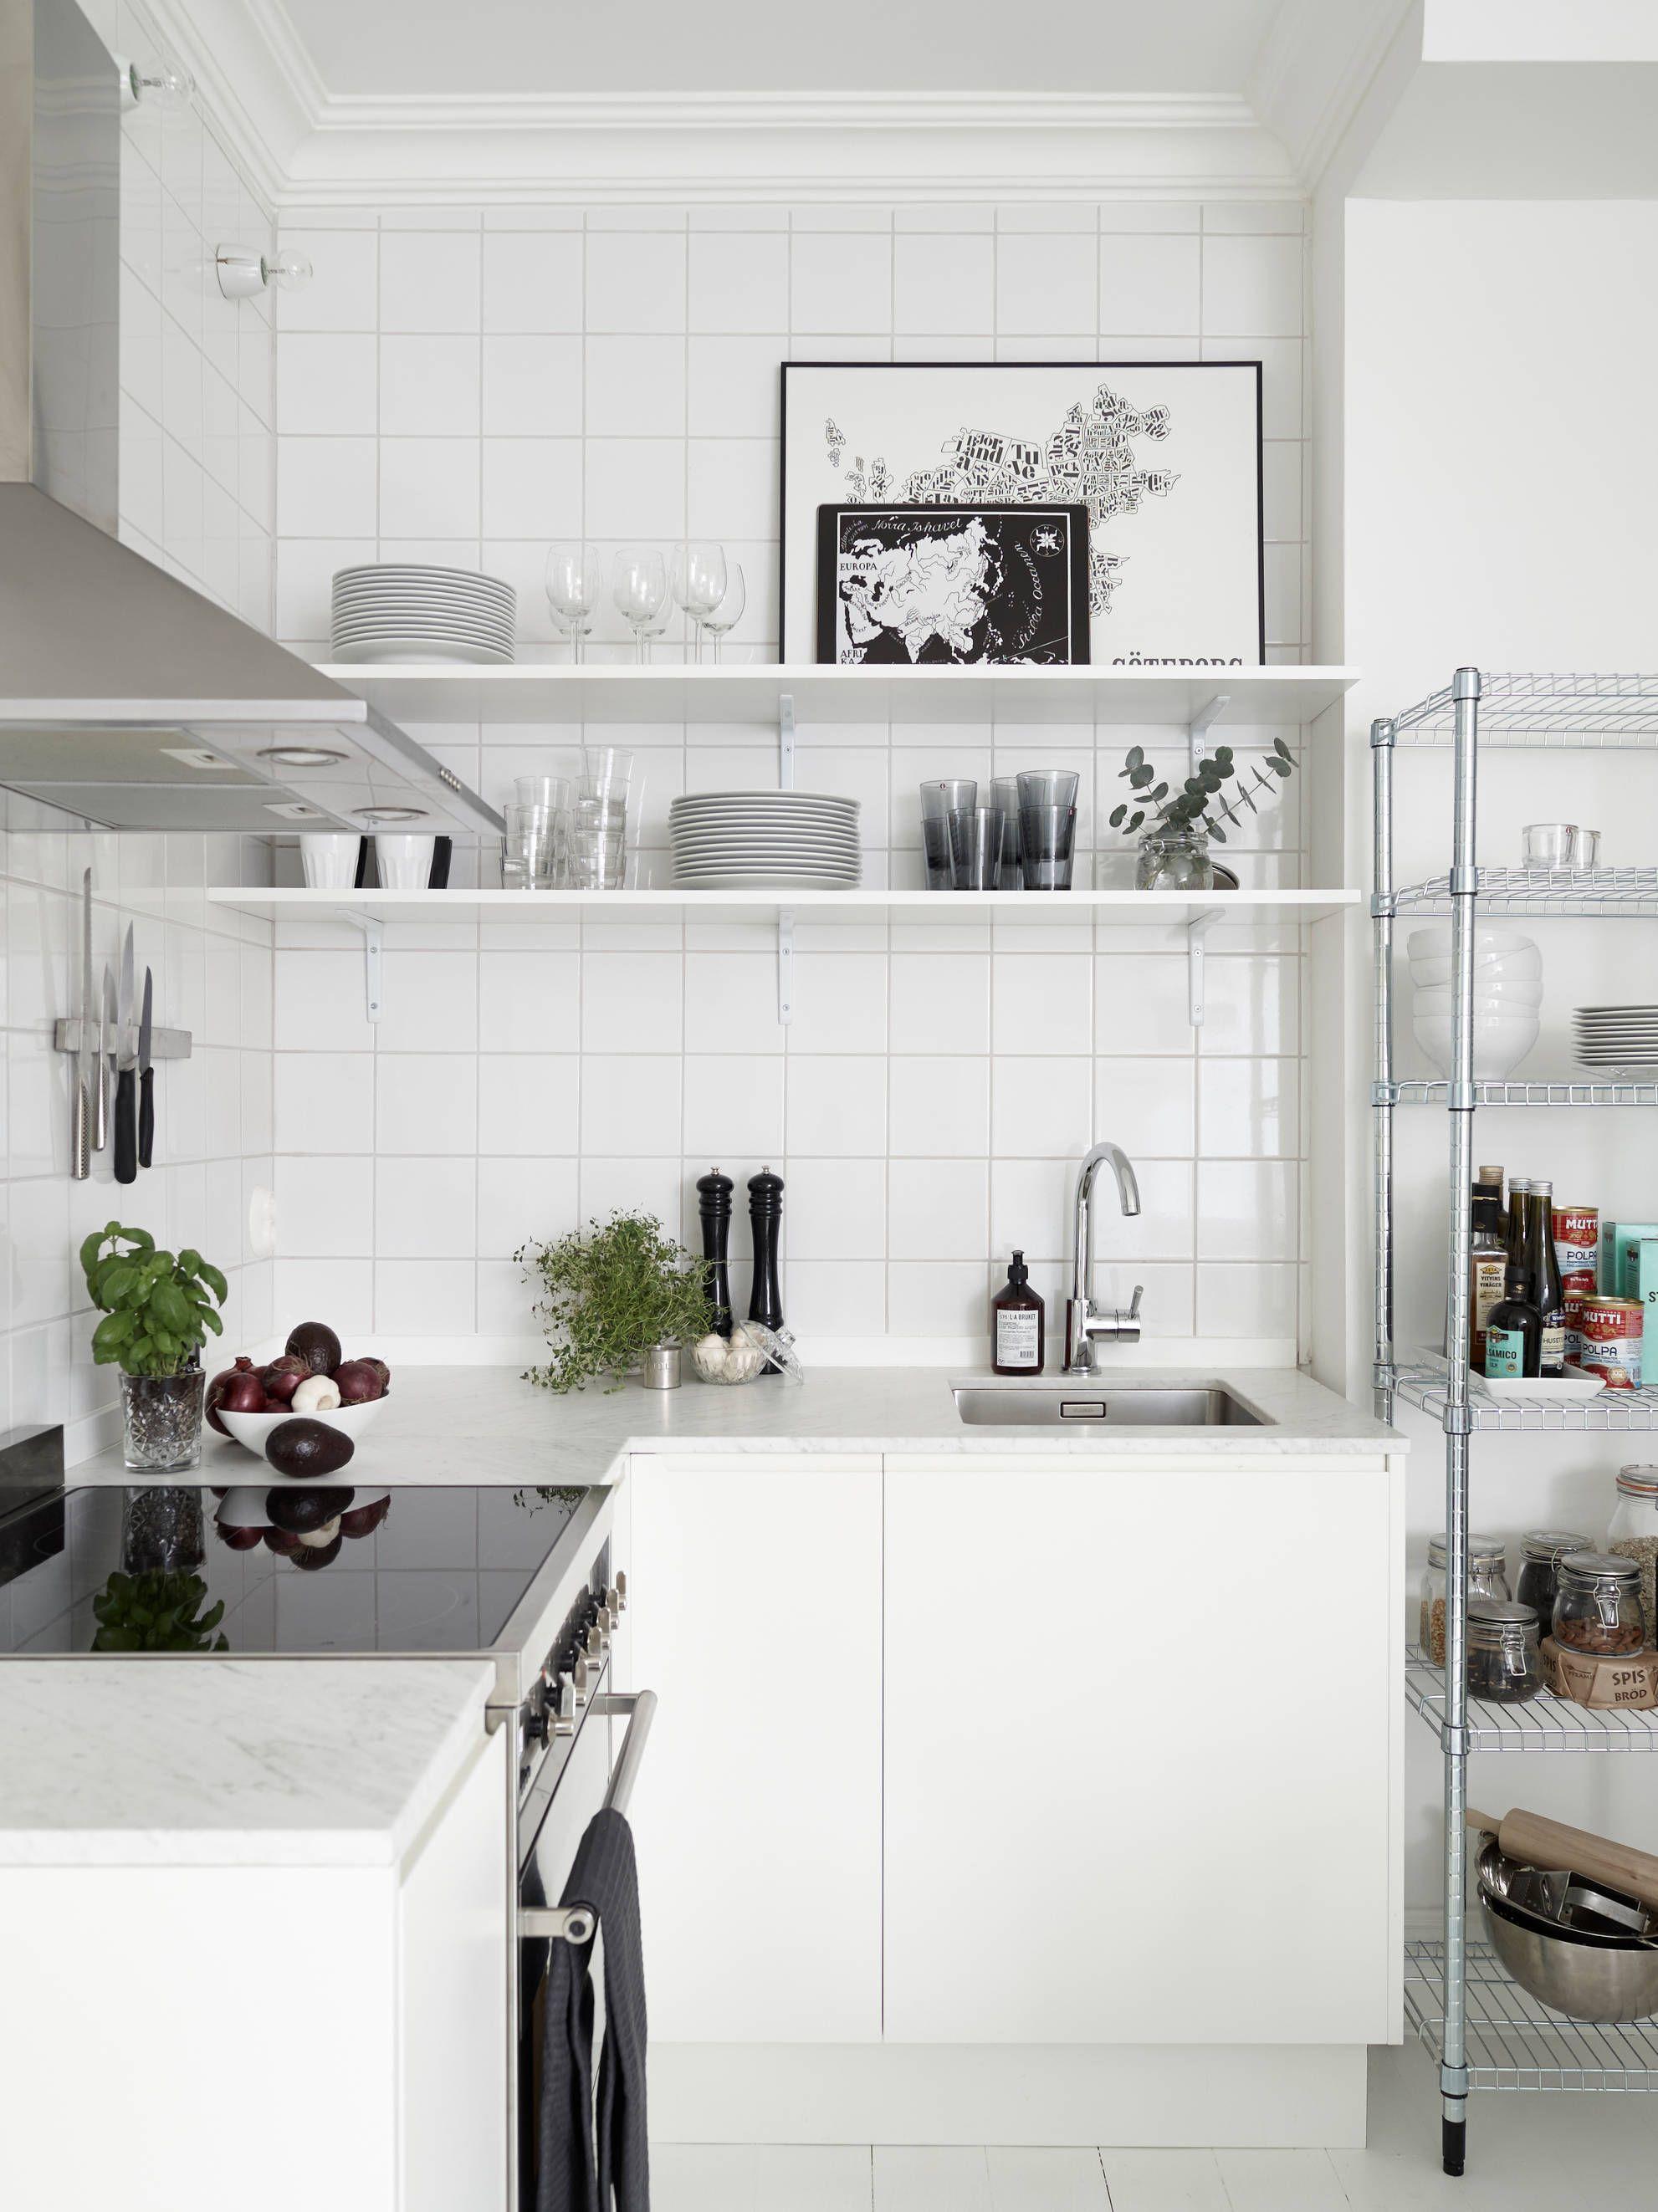 Wohnen einrichtung schwedische küche schwedisch home weißen küchenschränke offene regale industrieregale speisekammer regale kleine küchen